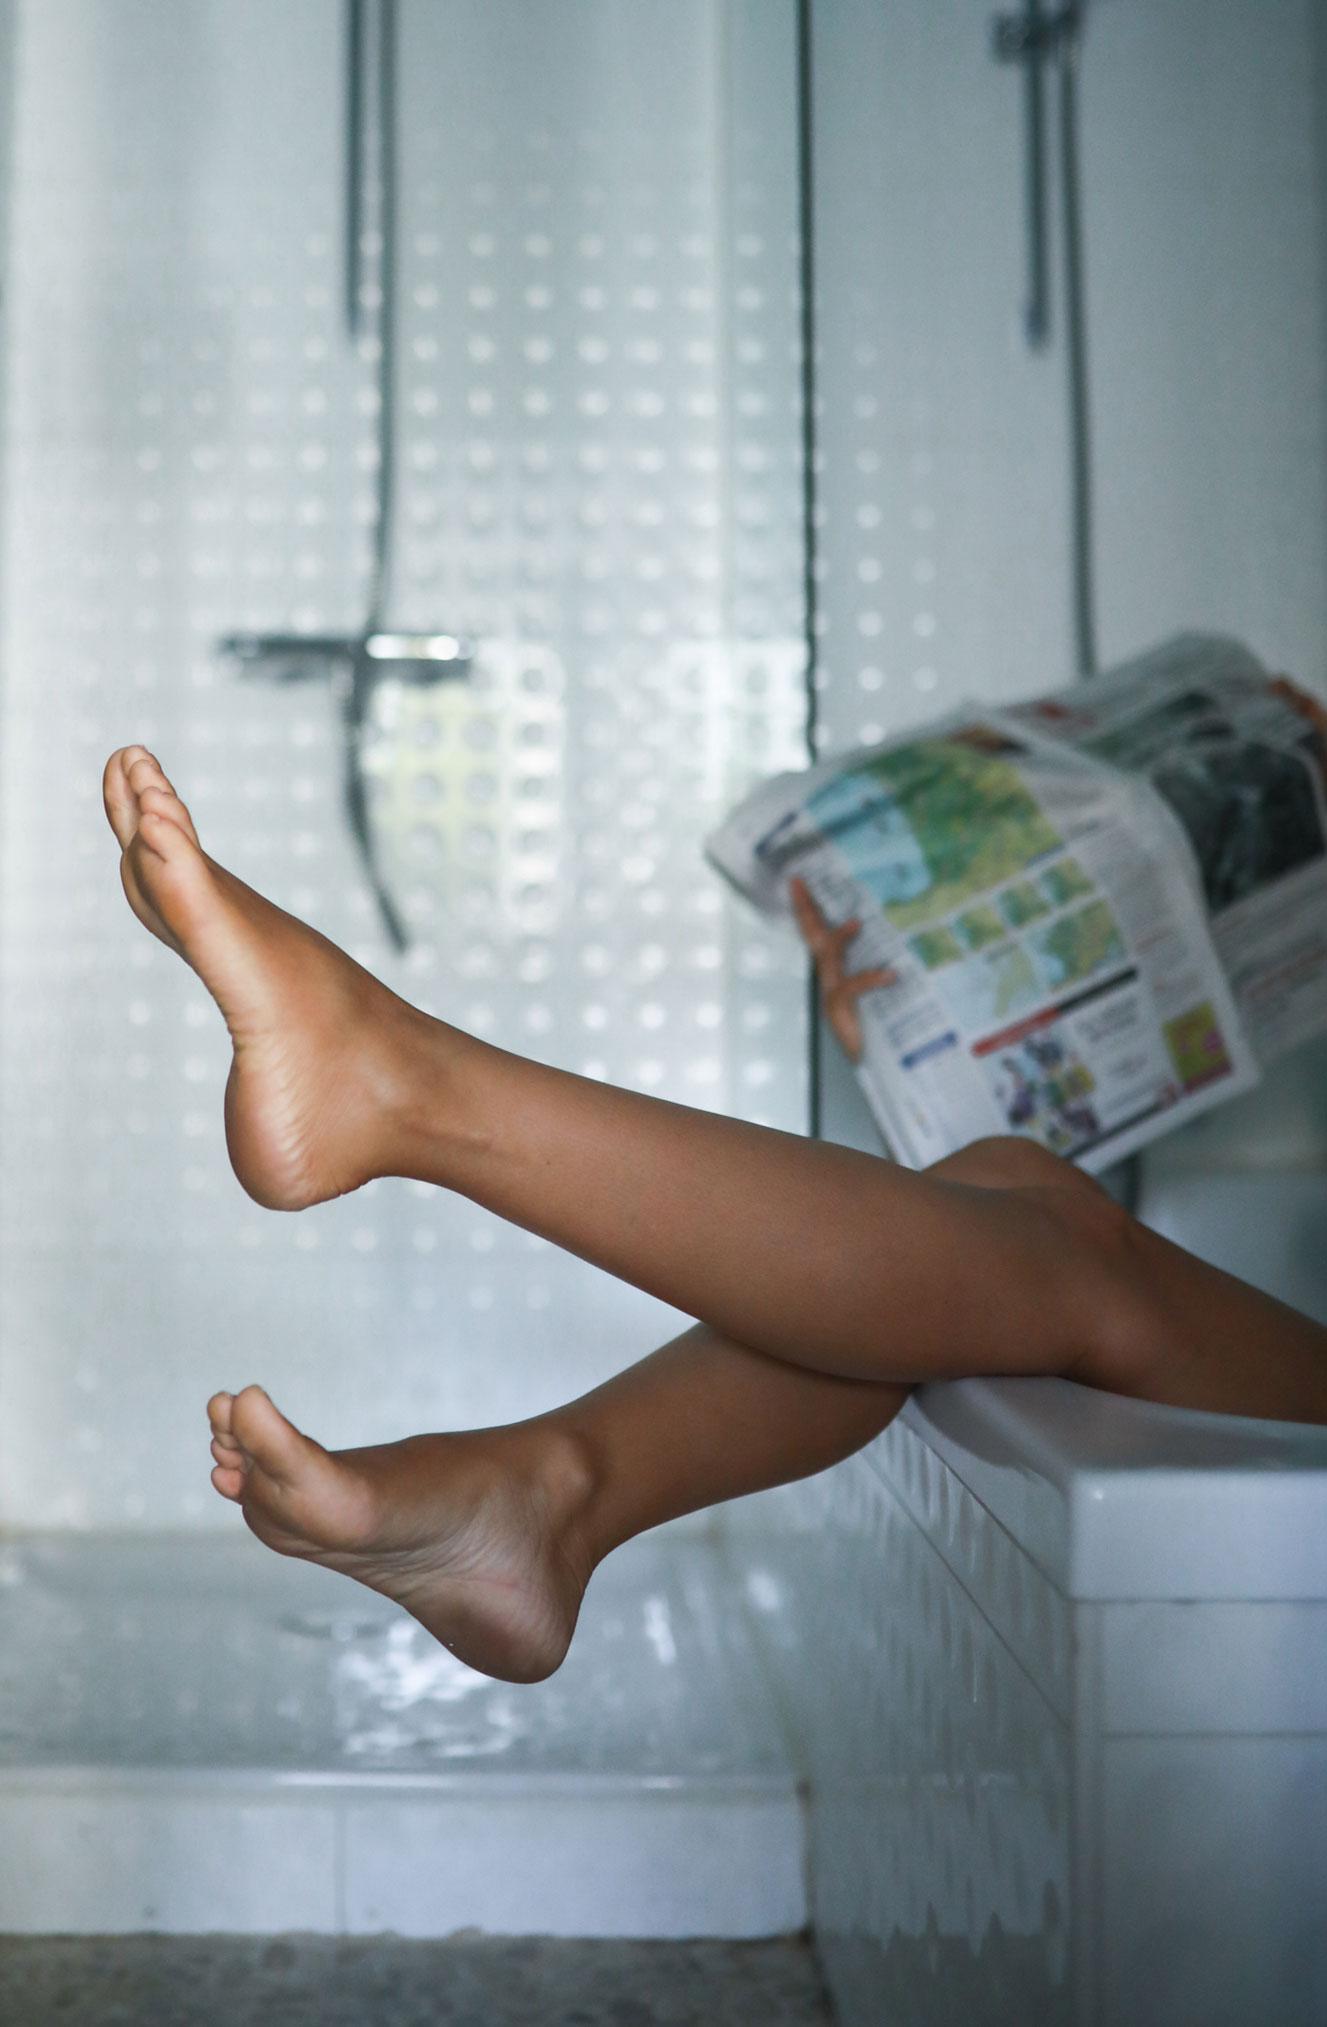 Ева Грейв в отеле Cosmopolitain в Биаррице / фото 07